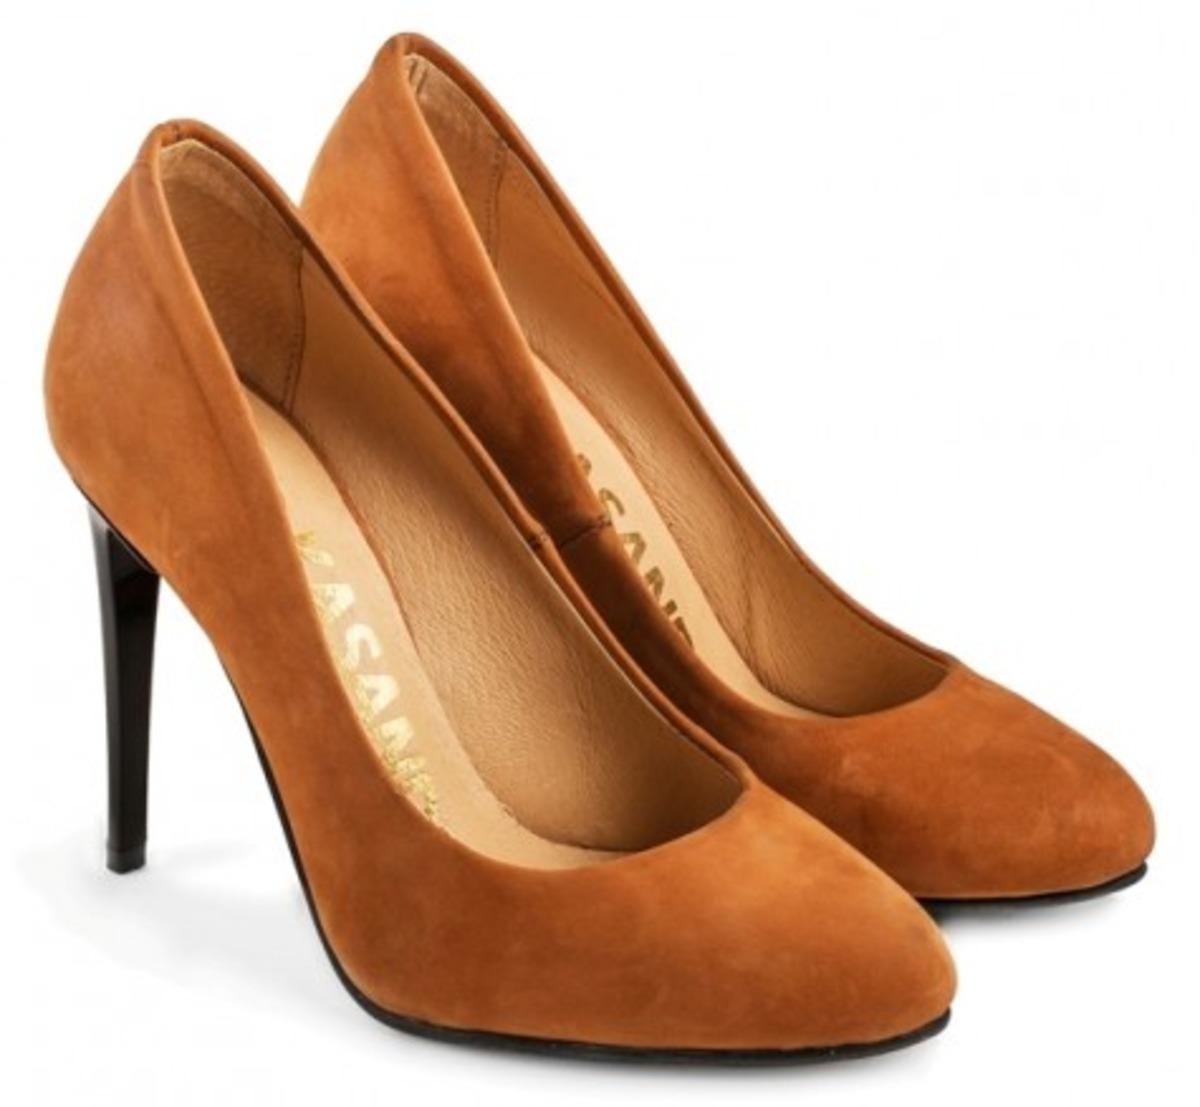 TM KASANDRA - український виробник жіночого повсякденного та модельного  взуття 9df16b2e39d64